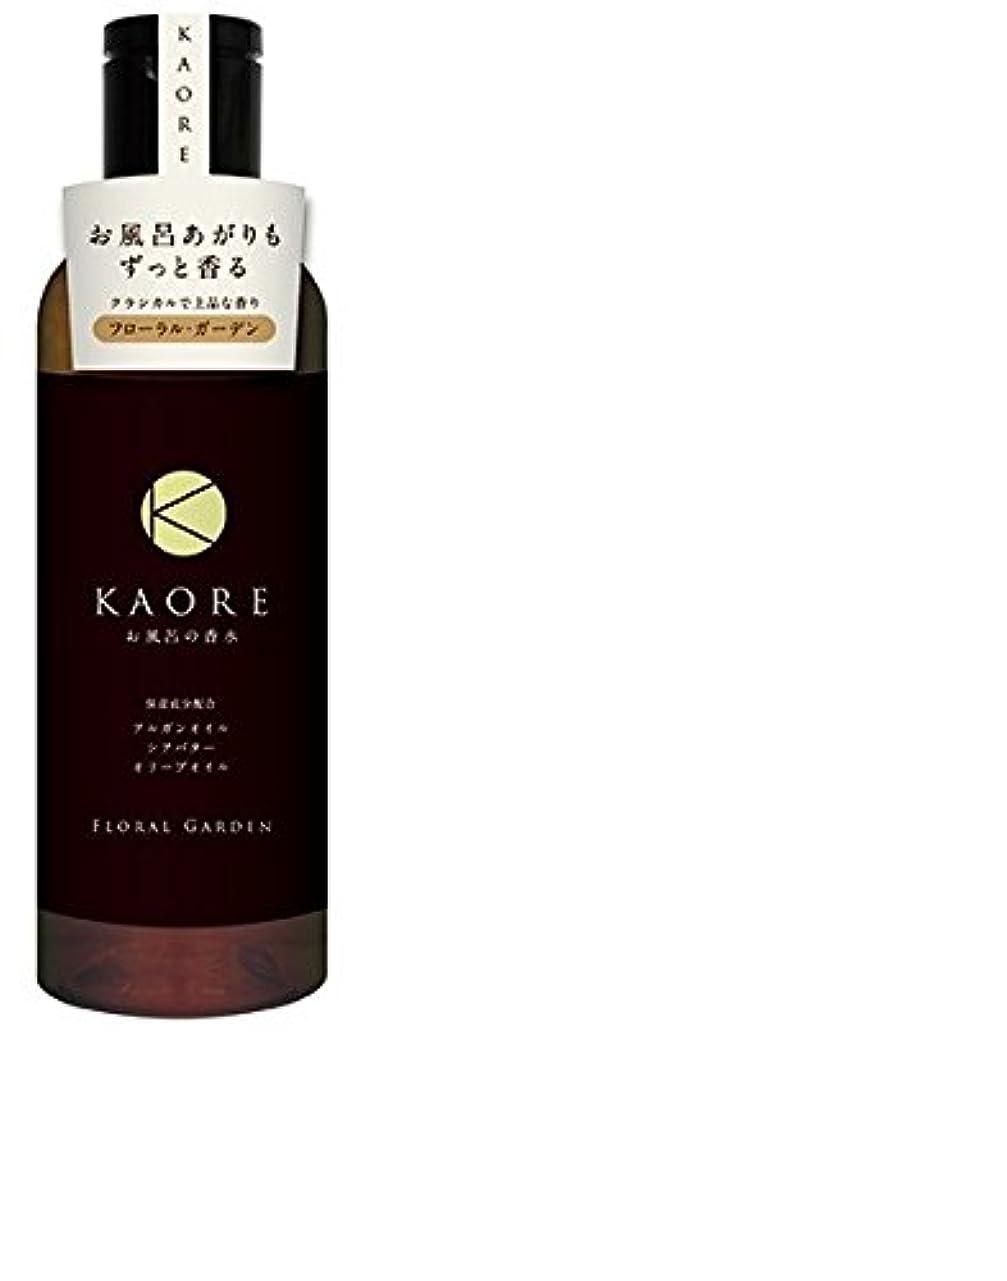 誤解不可能な命題KAORE(カオリ) お風呂の香水 フローラルガーデン 200ml